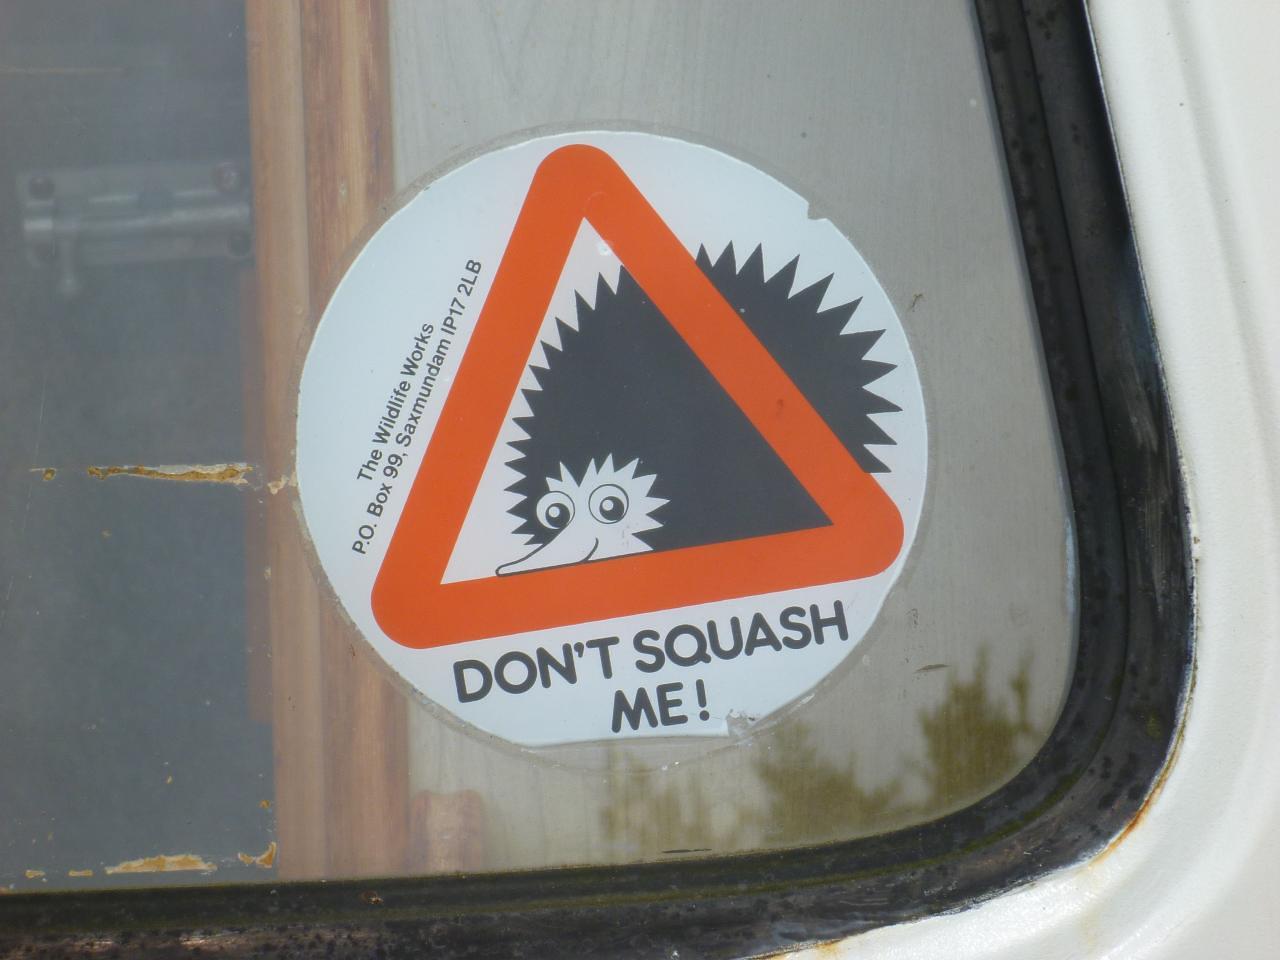 Don't squash me!